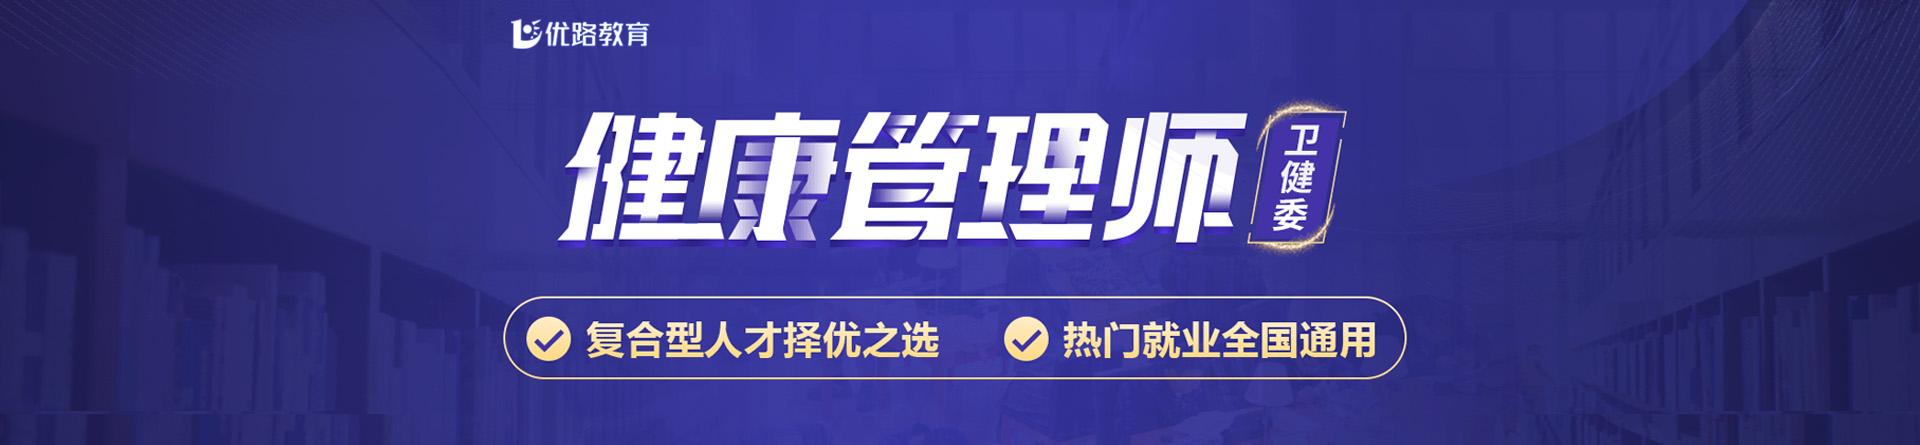 浙江湖州健康管理师培训